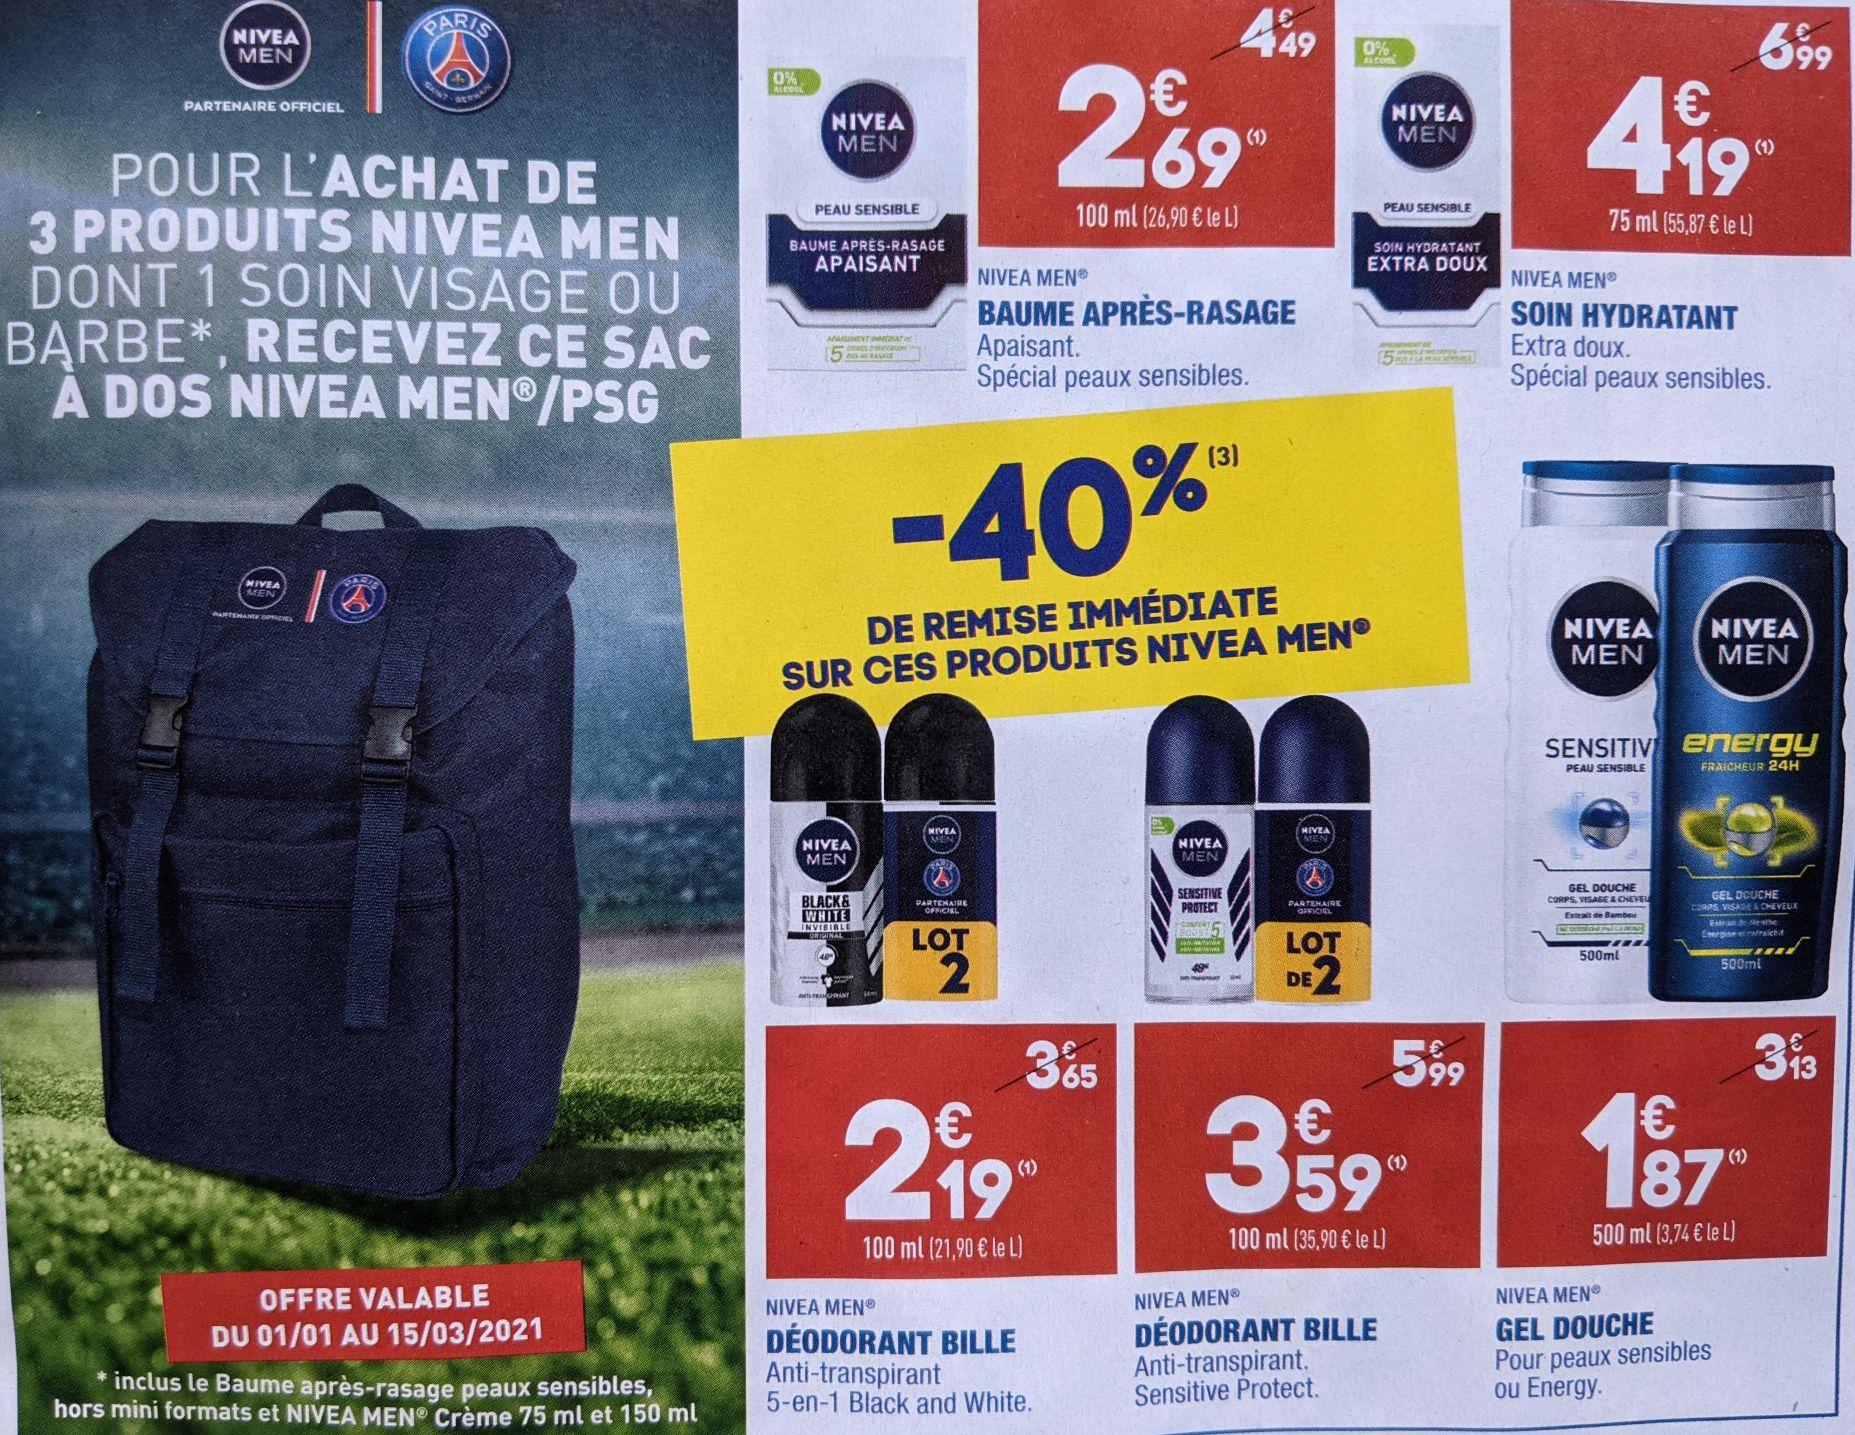 Sac à dos Nivéa Men PSG offert pour l'achat de 3 produits - Ex: 3 Lots de Déodorants Nivéa Bille